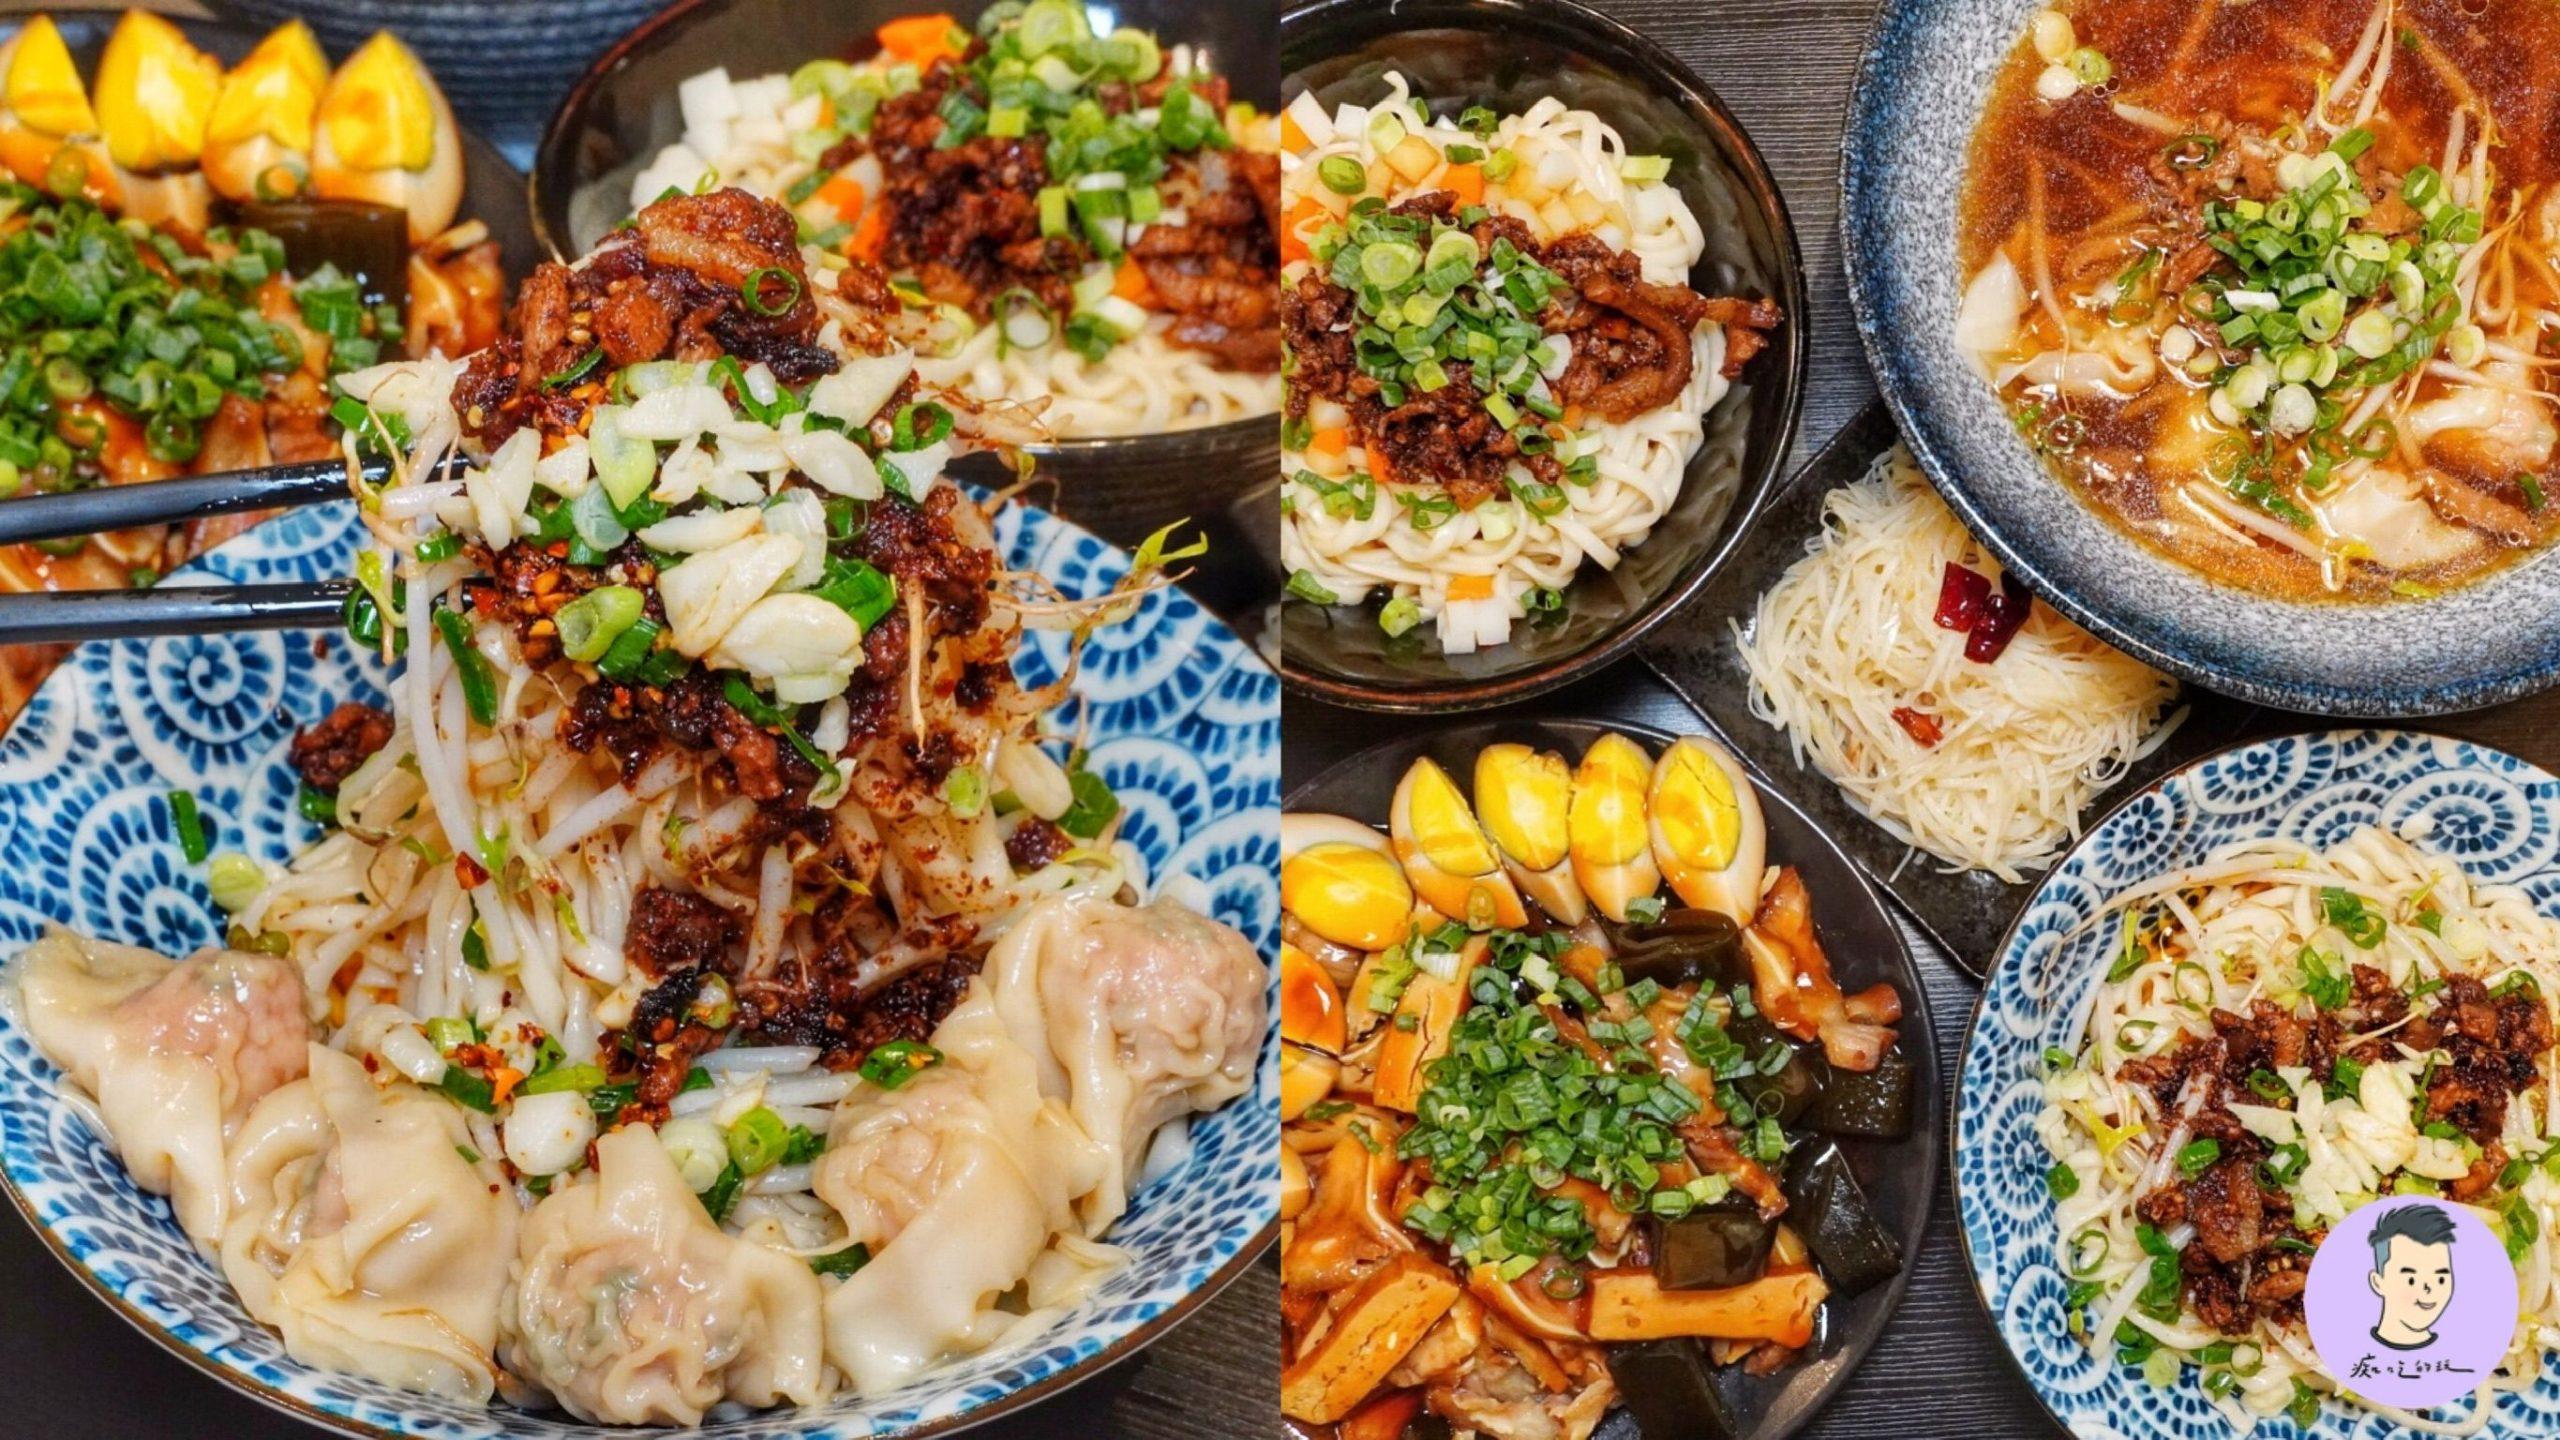 【高雄美食】西安風味美食館 旗山也有道地陝西風味麵店!大推油潑麵+酸辣土豆絲 用料實在平價美味 – 旗山美食